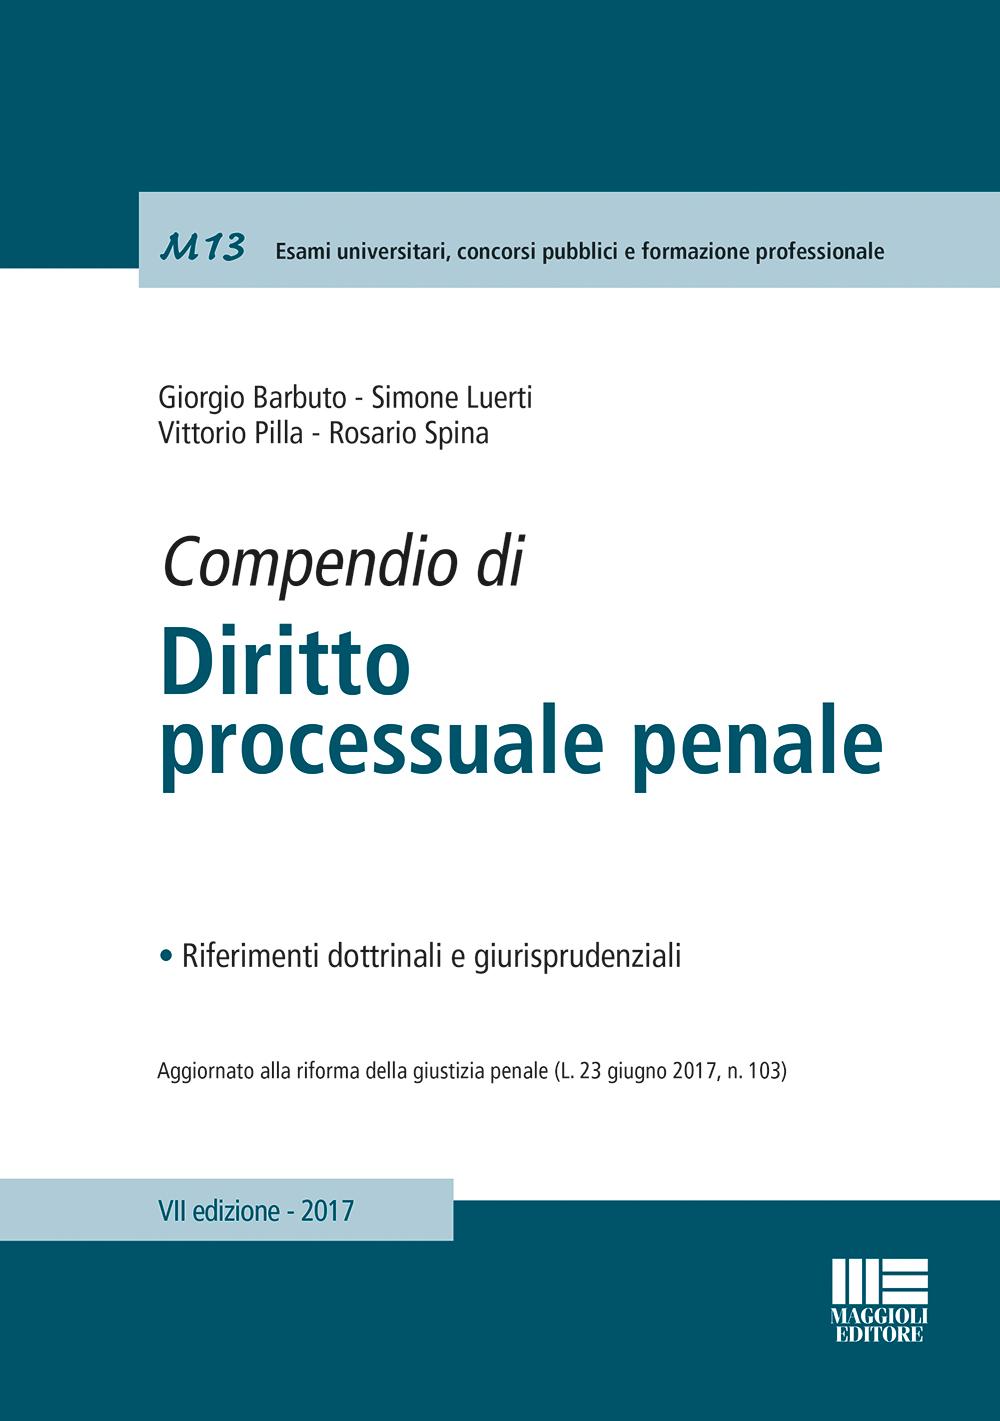 Compendio di Diritto processuale penale - Libro